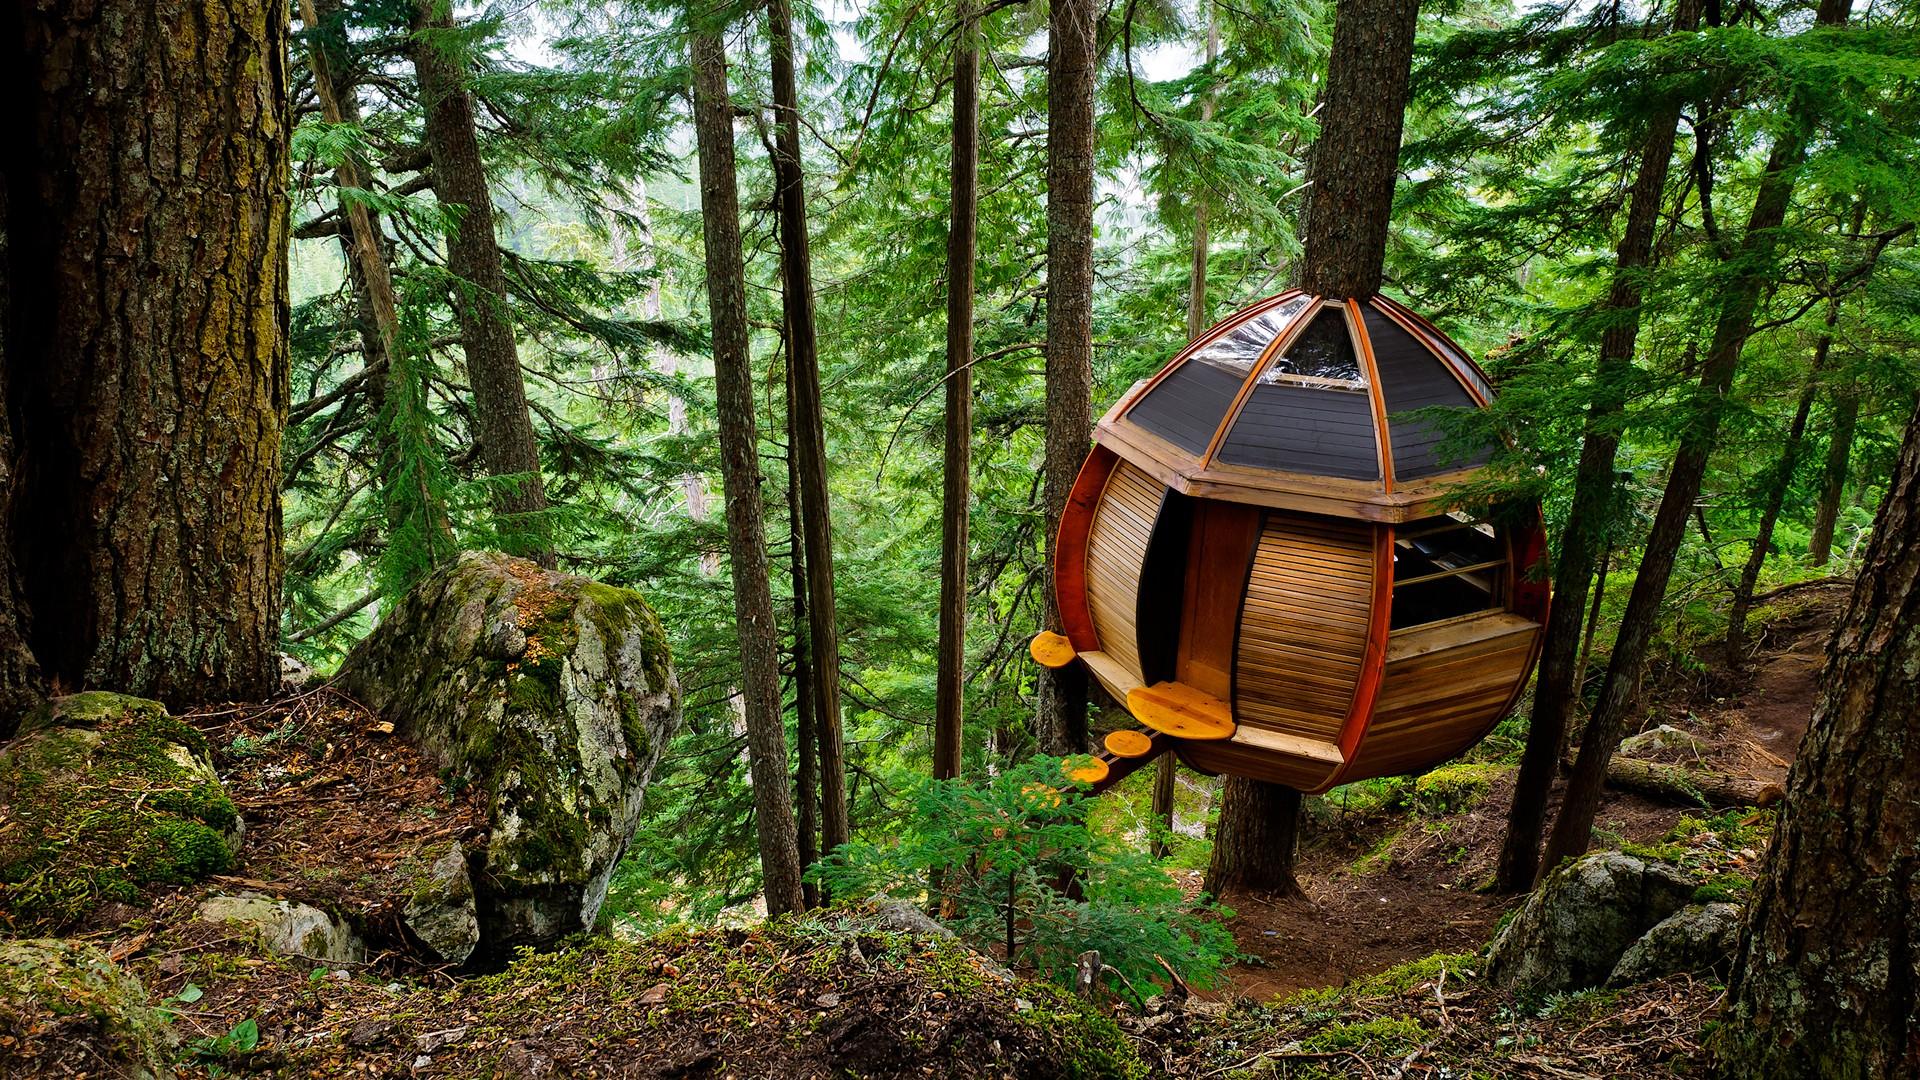 Fond d 39 cran des arbres architecture roche la nature for Maison archi foret